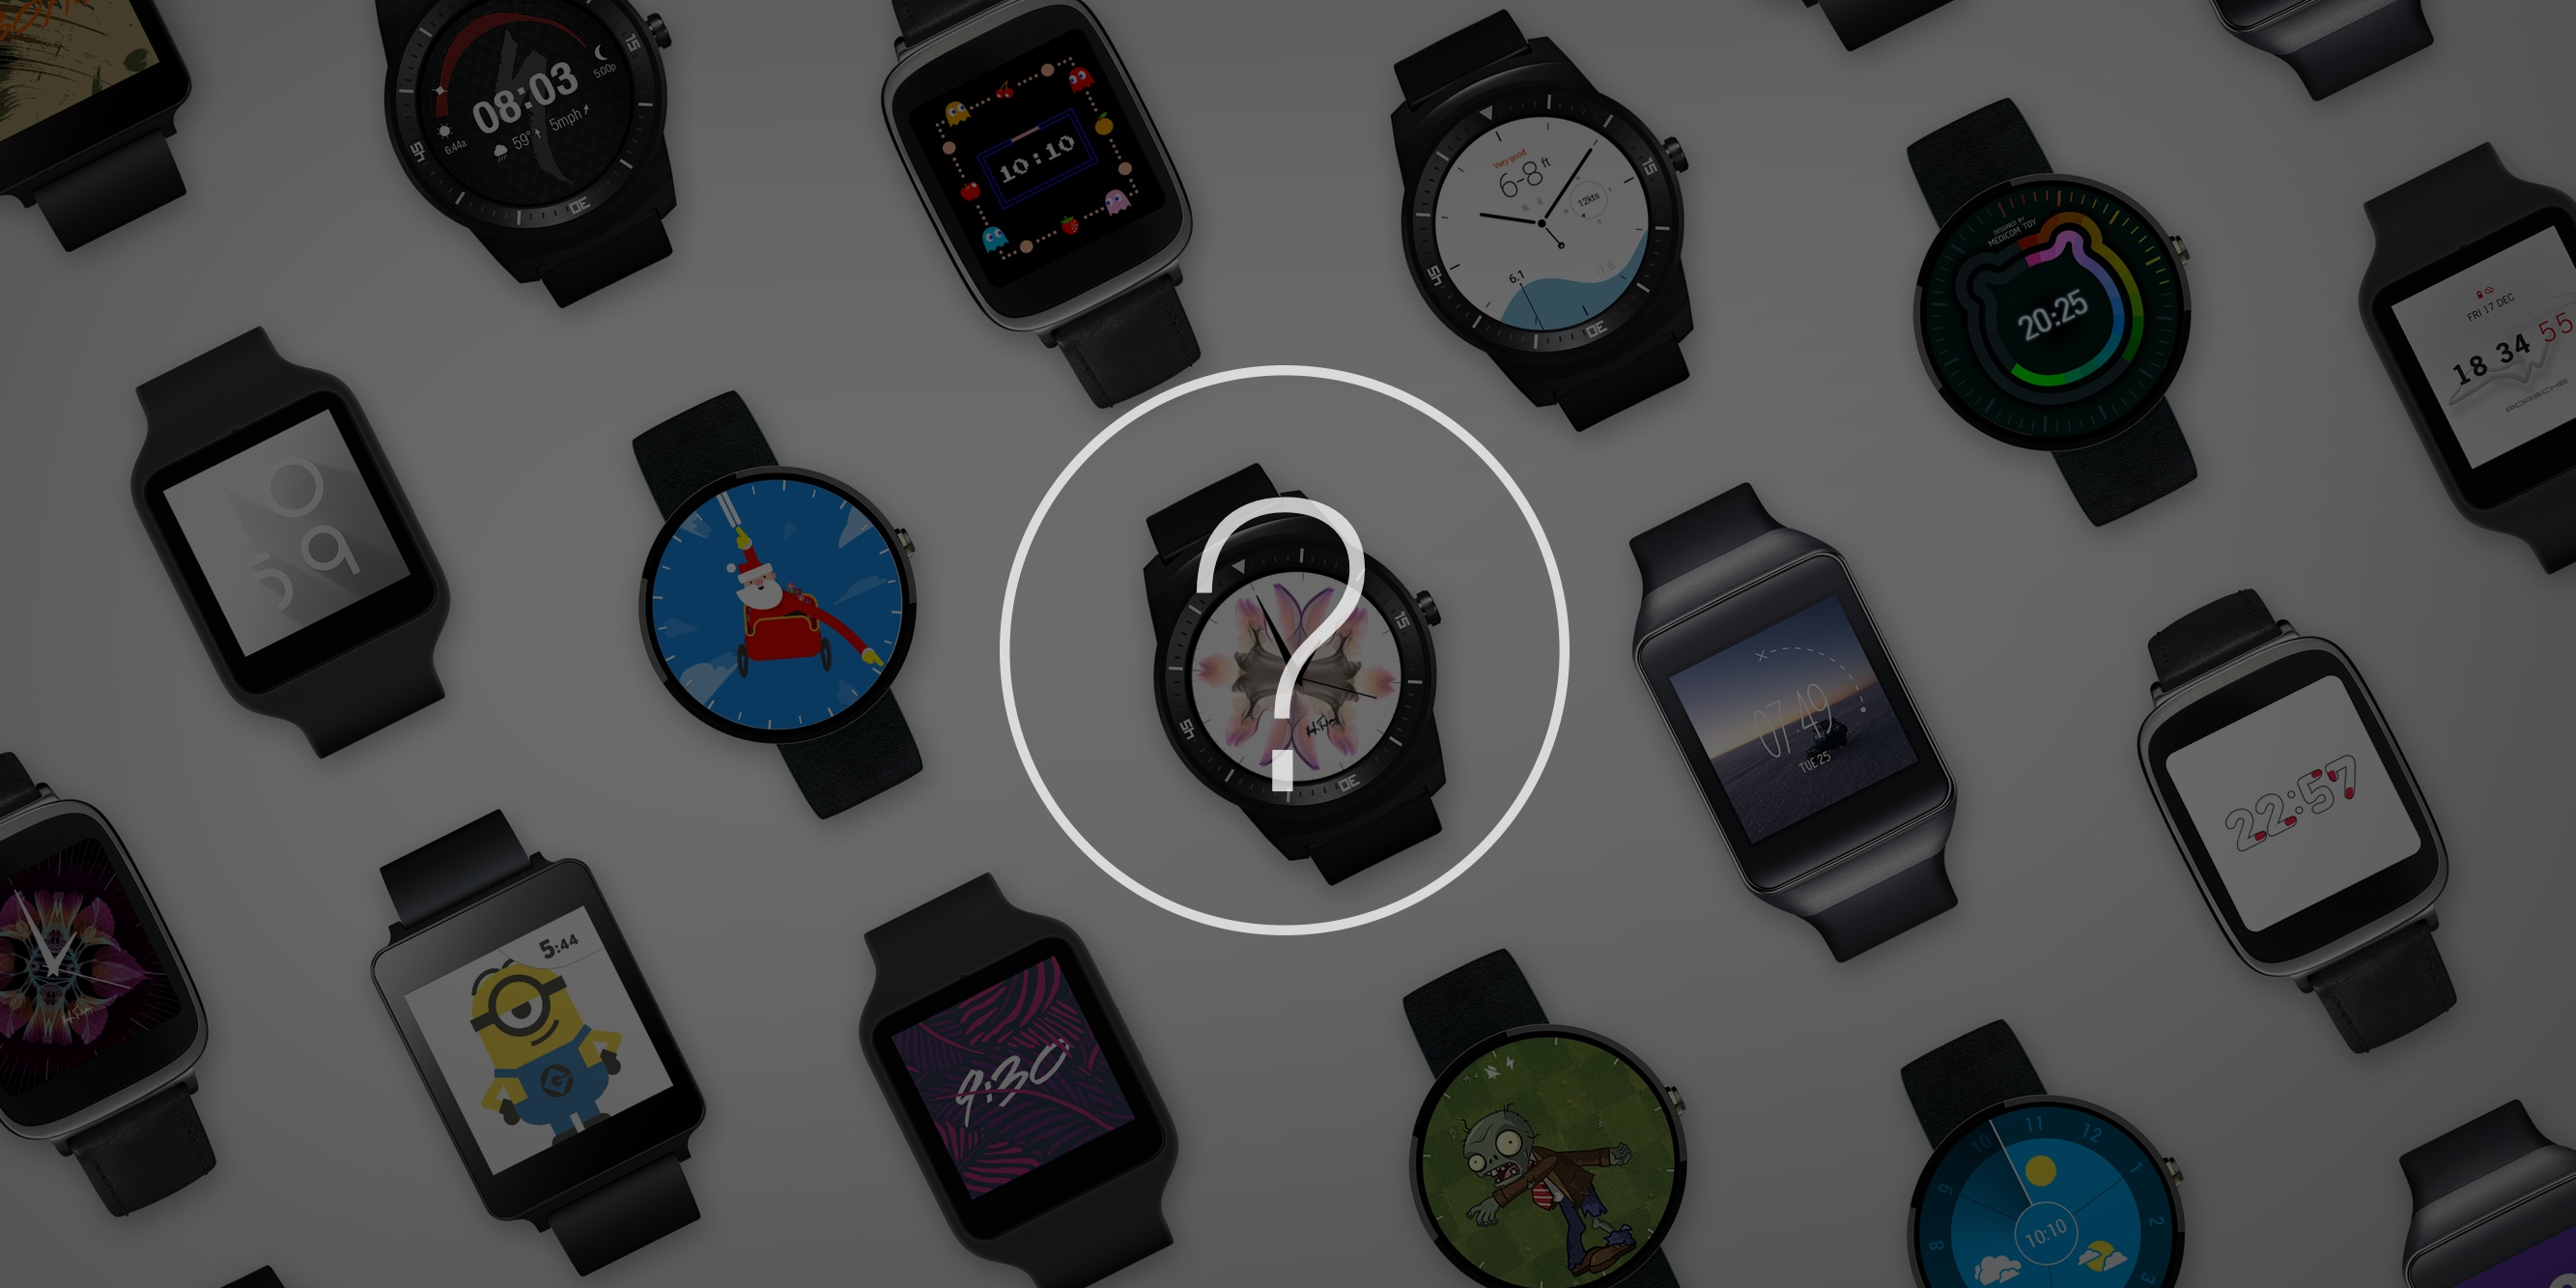 Что могут часы на Android Wear в связке с iPhone. Опыт использования